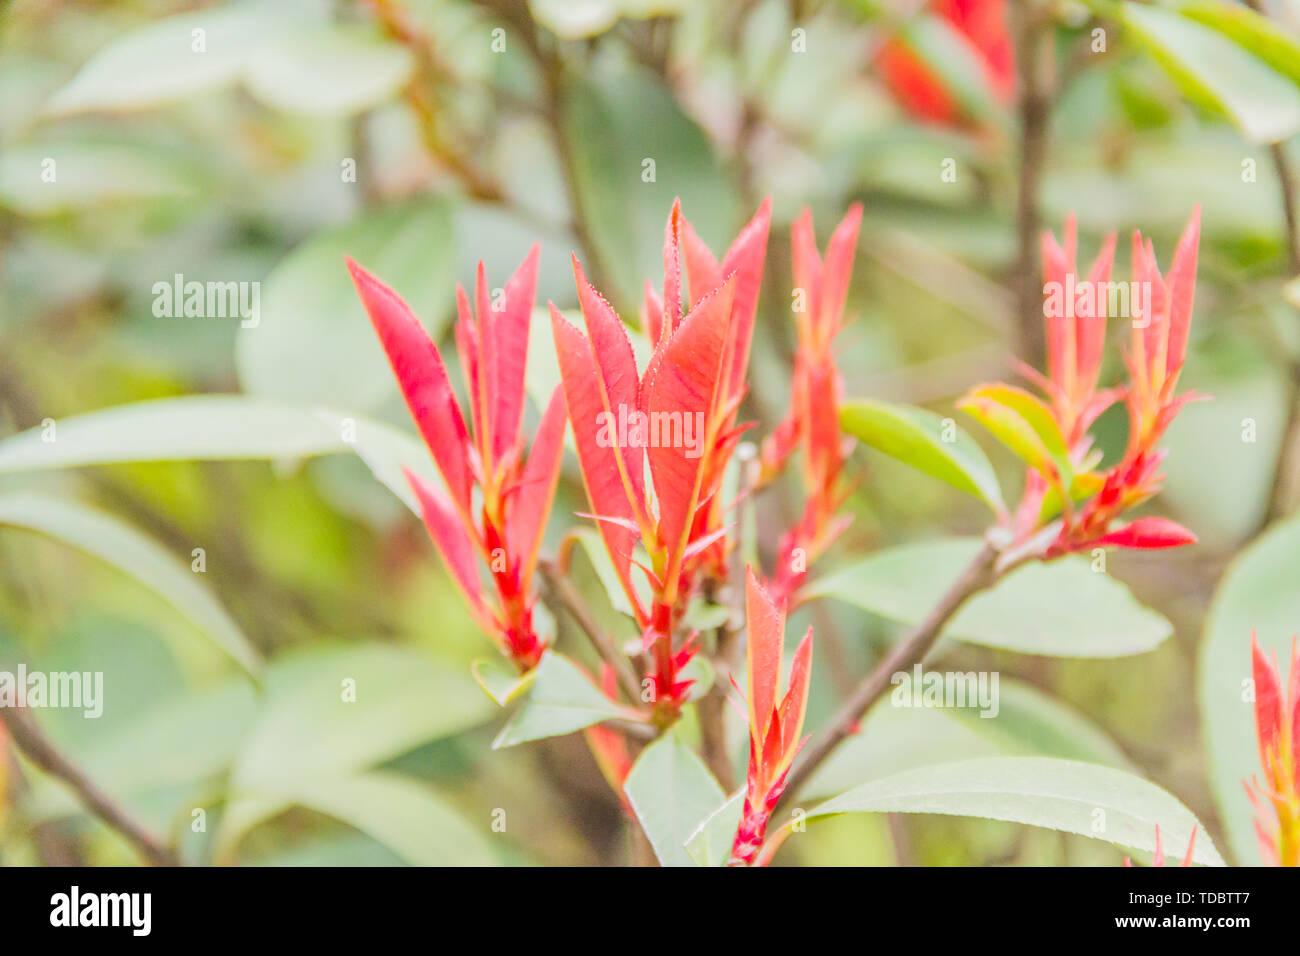 Rote Blätter, Knospen im Süden der Stadt. Stockfoto